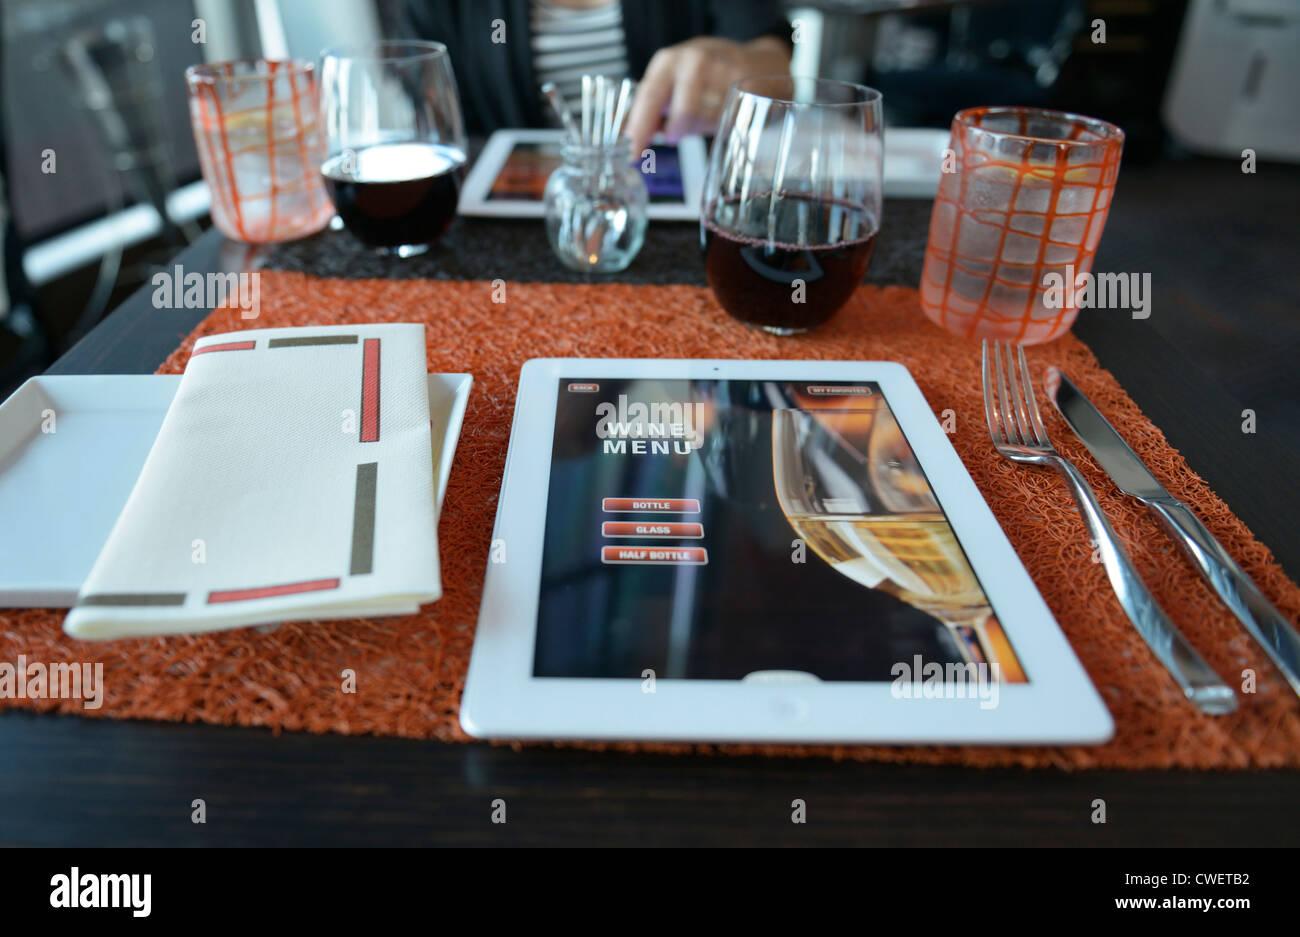 El menú de un restaurante en iPADs. La página seleccionada es la página para el menú de vinos. Imagen De Stock